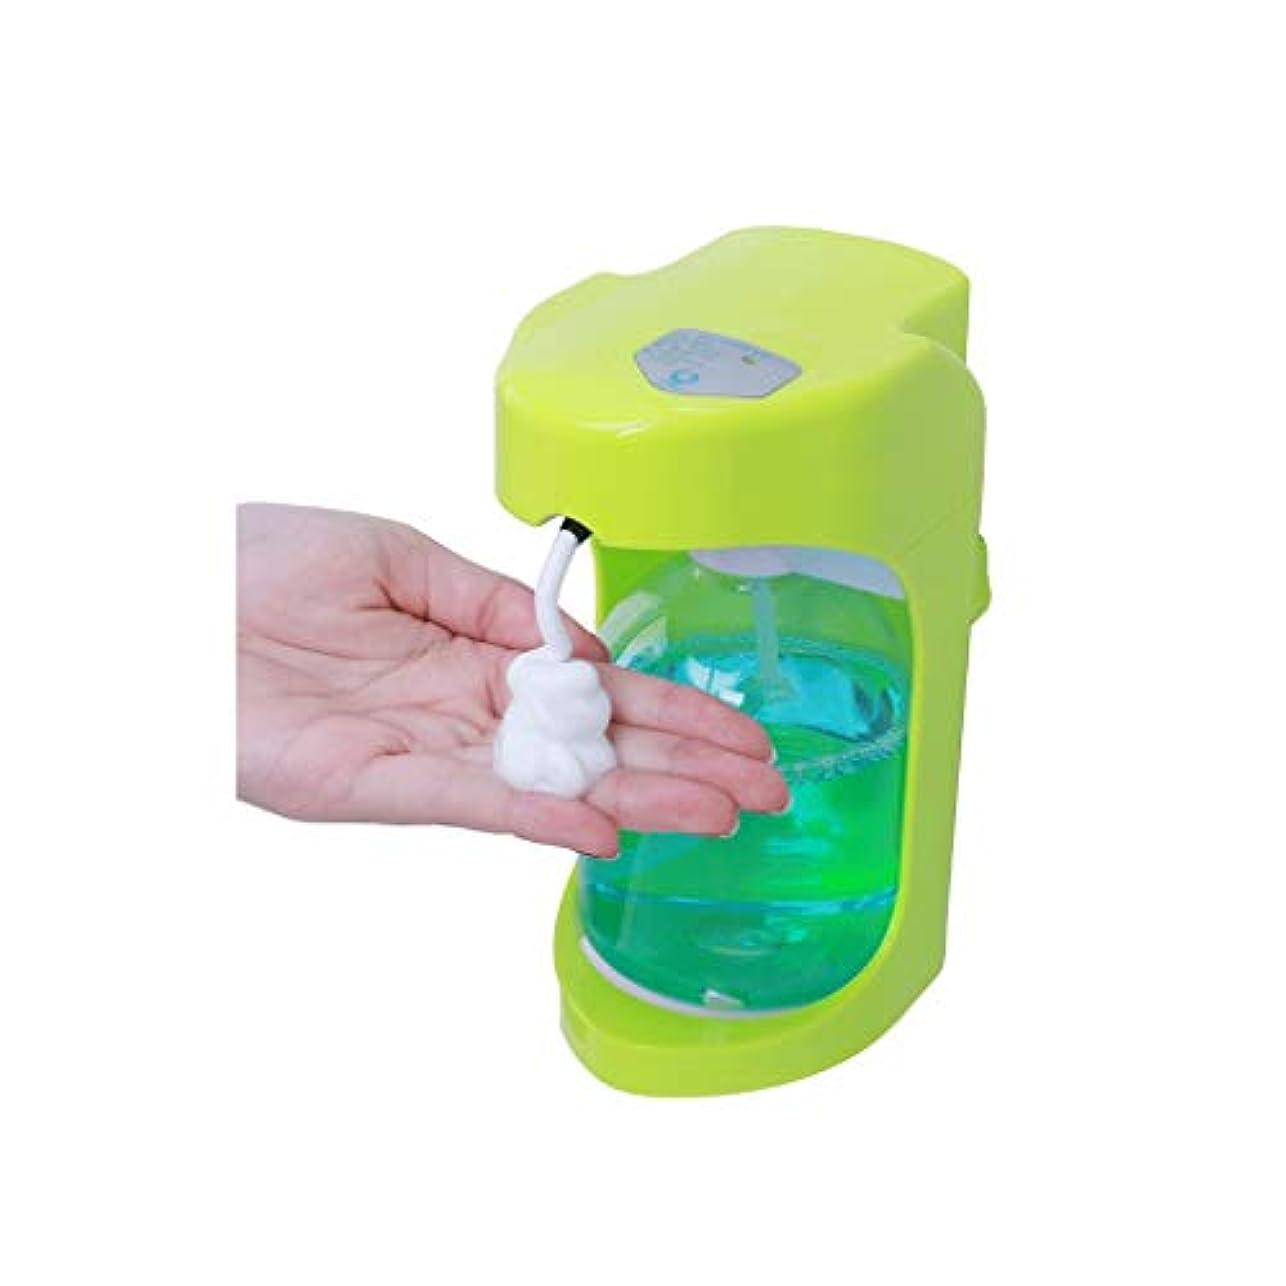 コード気をつけてクライマックスせっけん ソープディスペンサー自動ソープディスペンサー赤外線モーションセンサーリキッドハンズフリー自動ハンドサニタイザーディスペンサー 緑